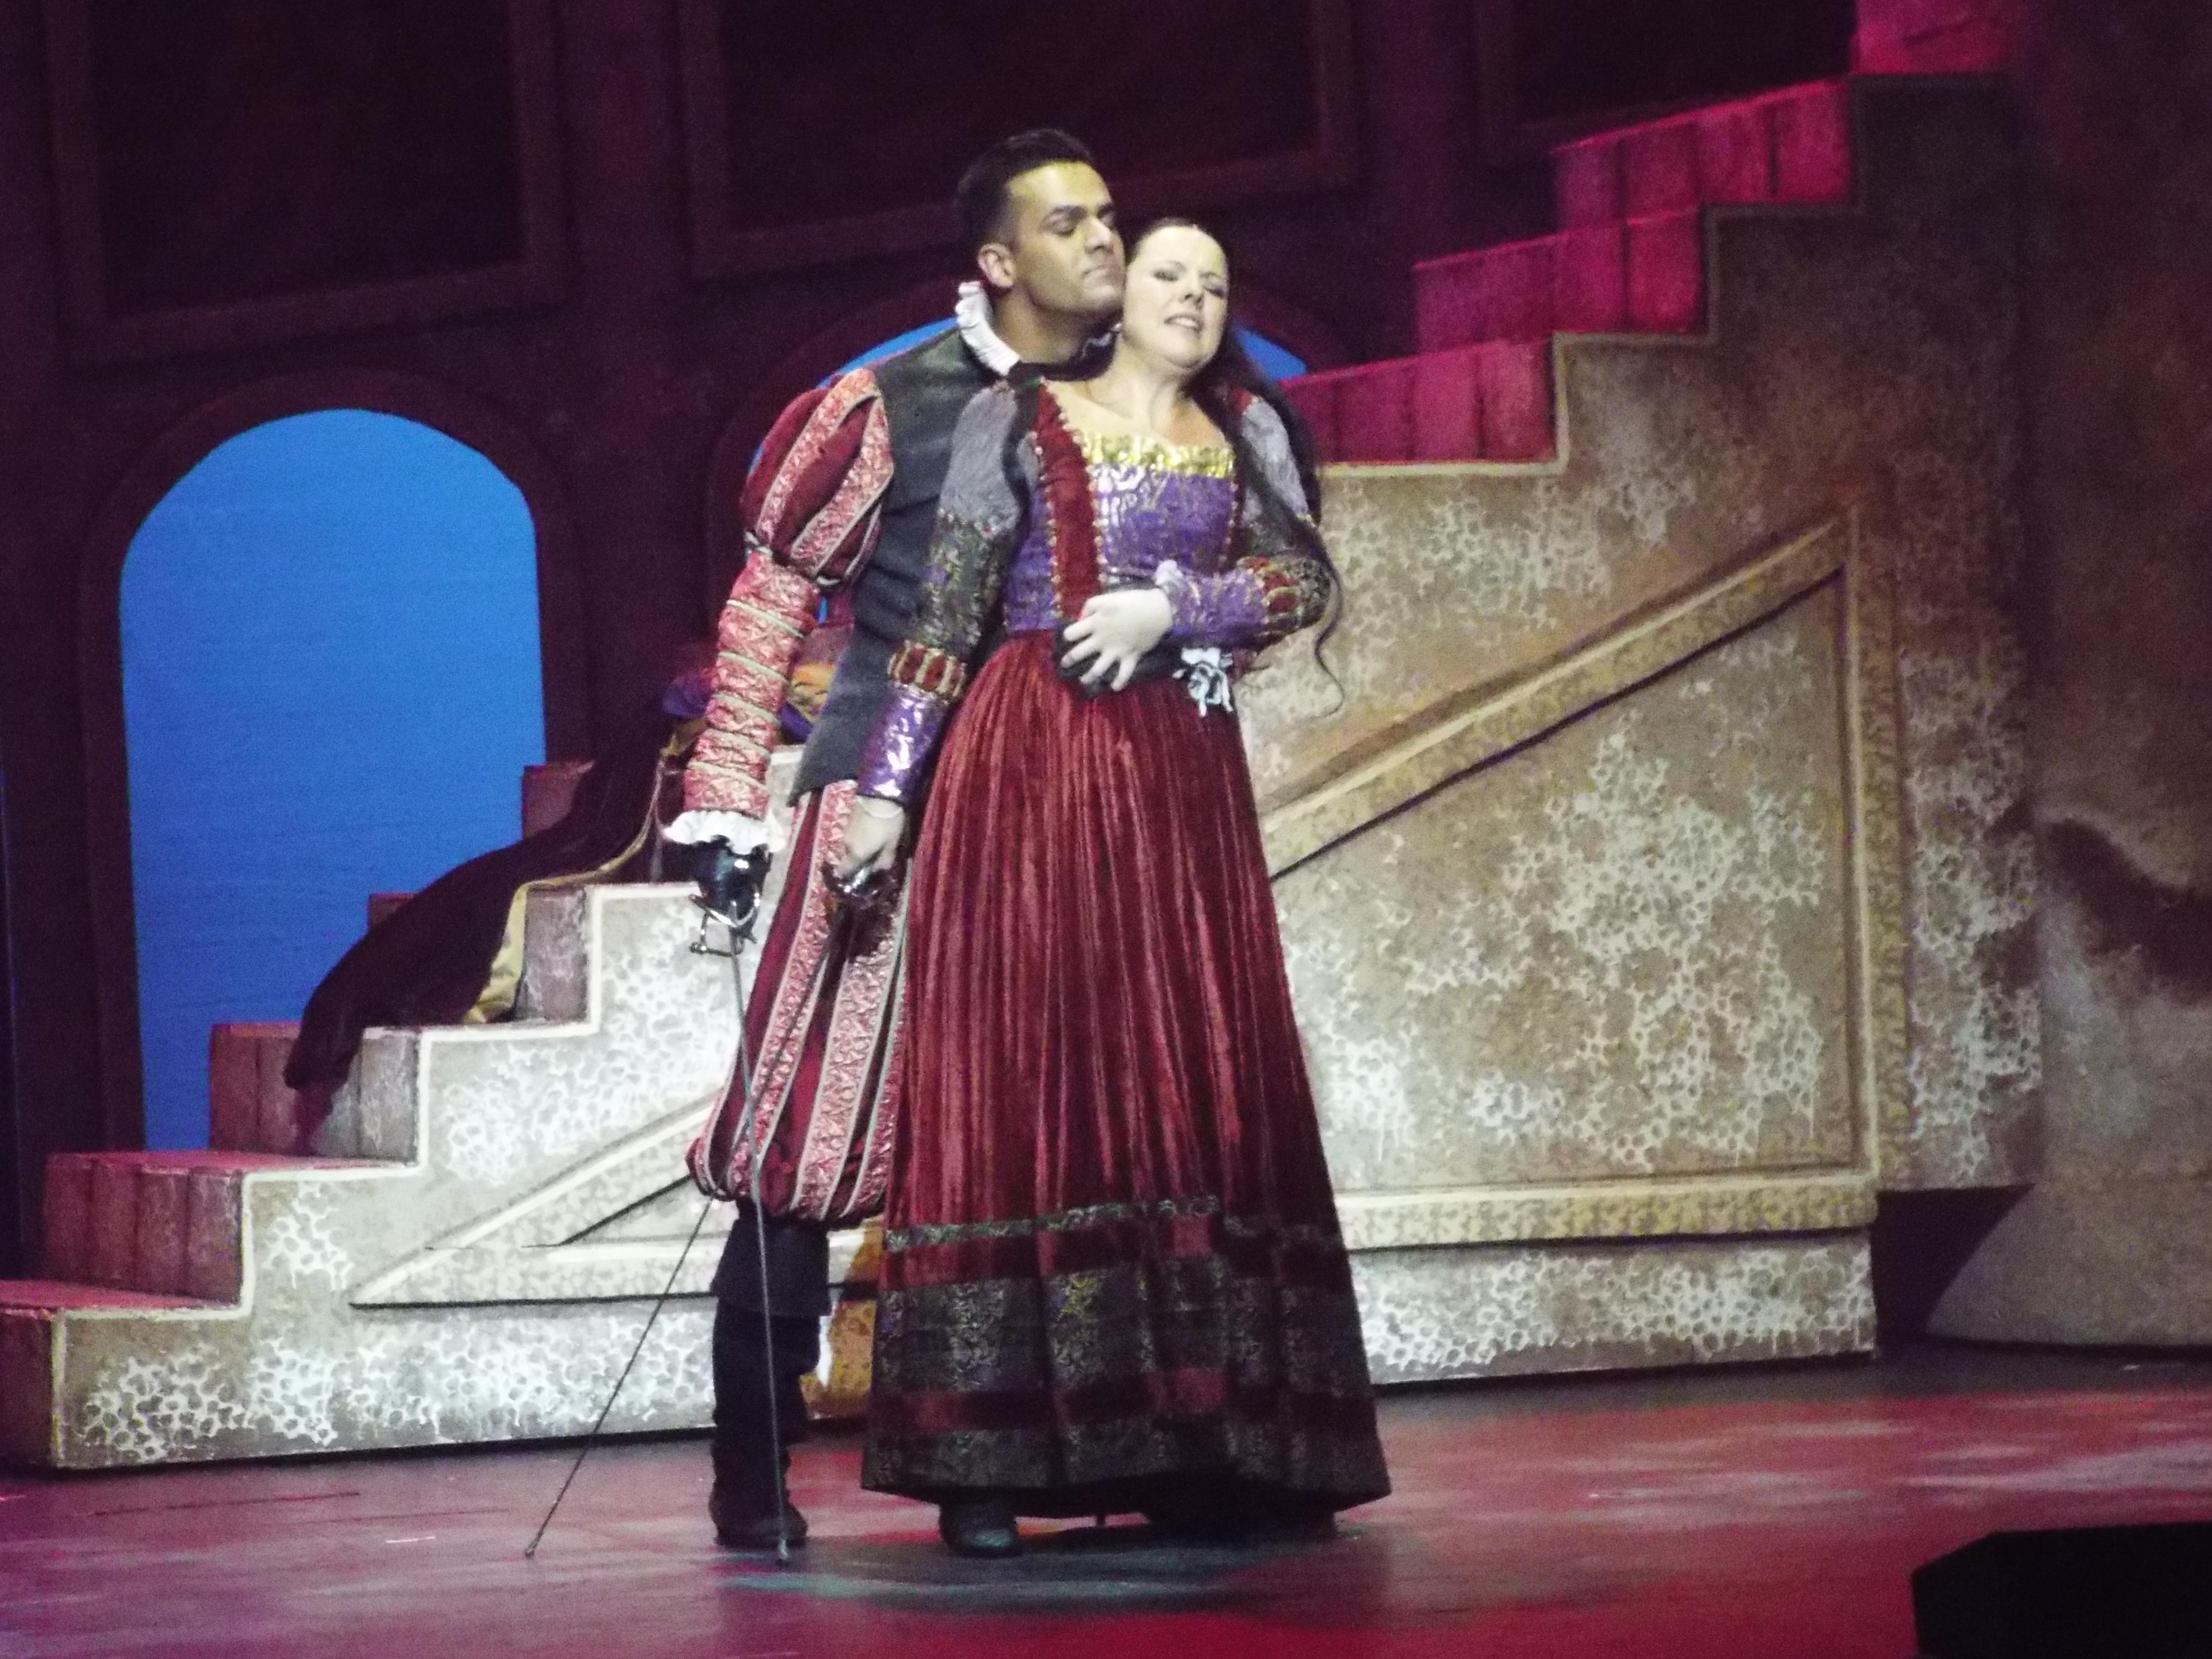 Tebaldo pelea con Julieta